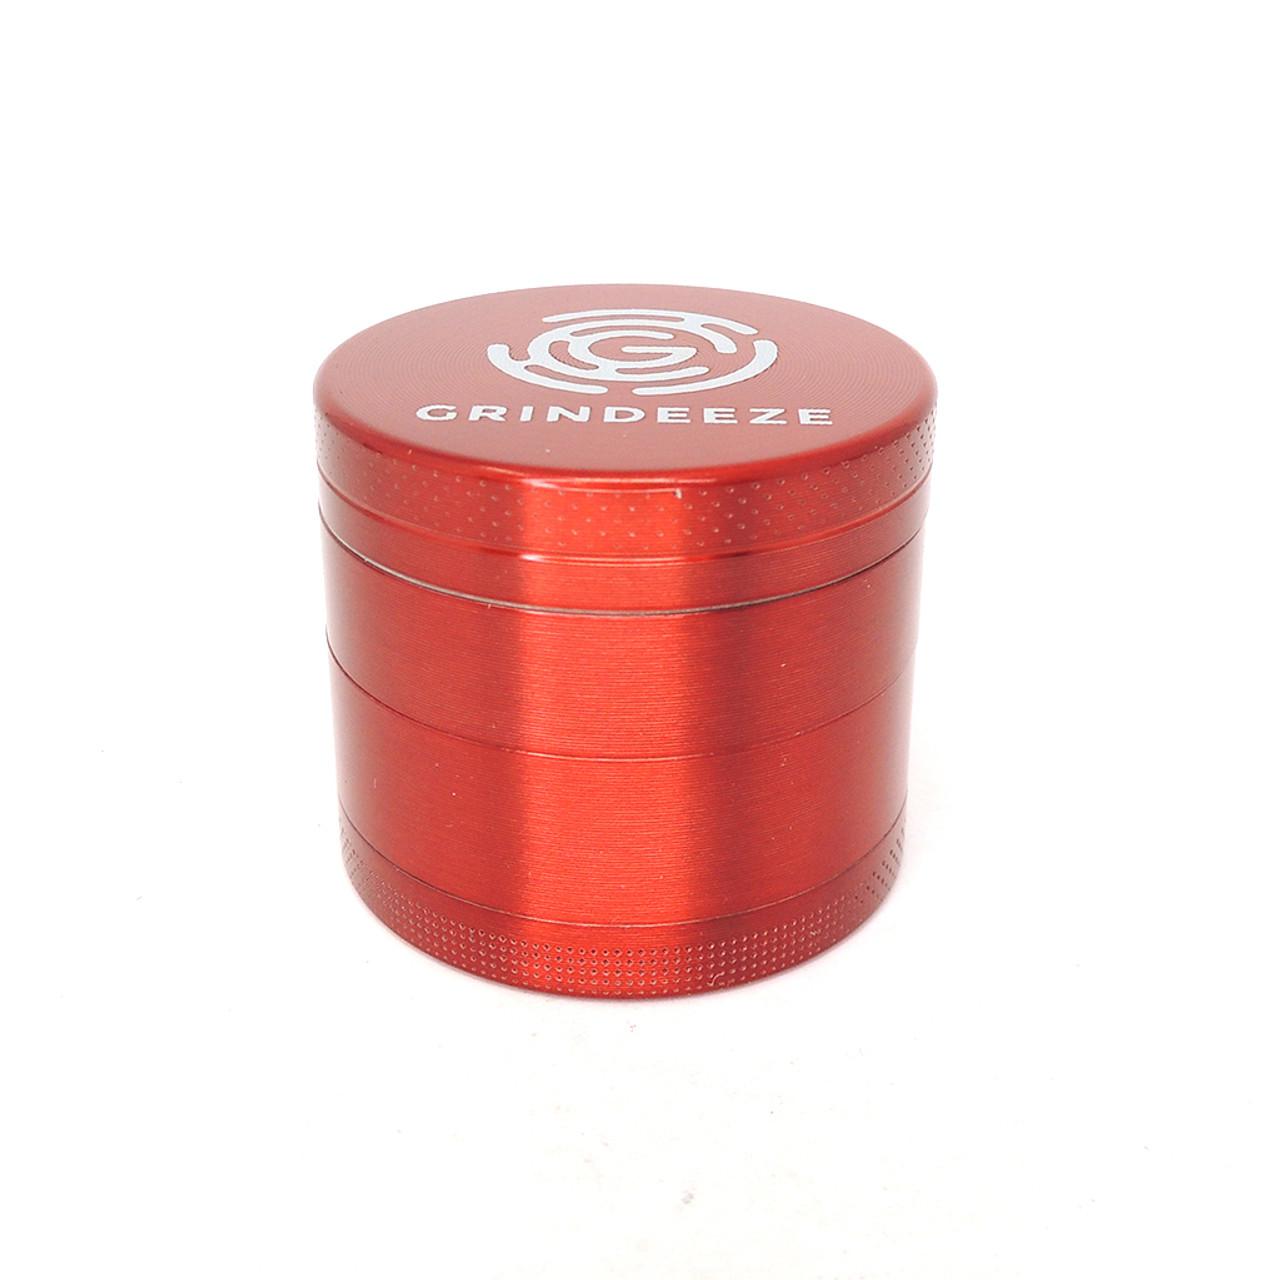 Grind Eeze 4 Part Zinc Grinder - Assorted Colors/Sizes